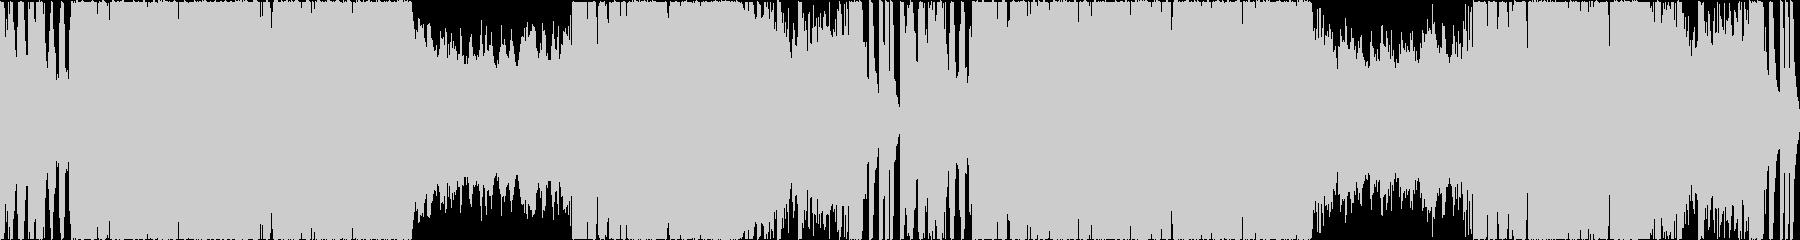 ホラー:亡霊の演奏会:クラシック風の未再生の波形